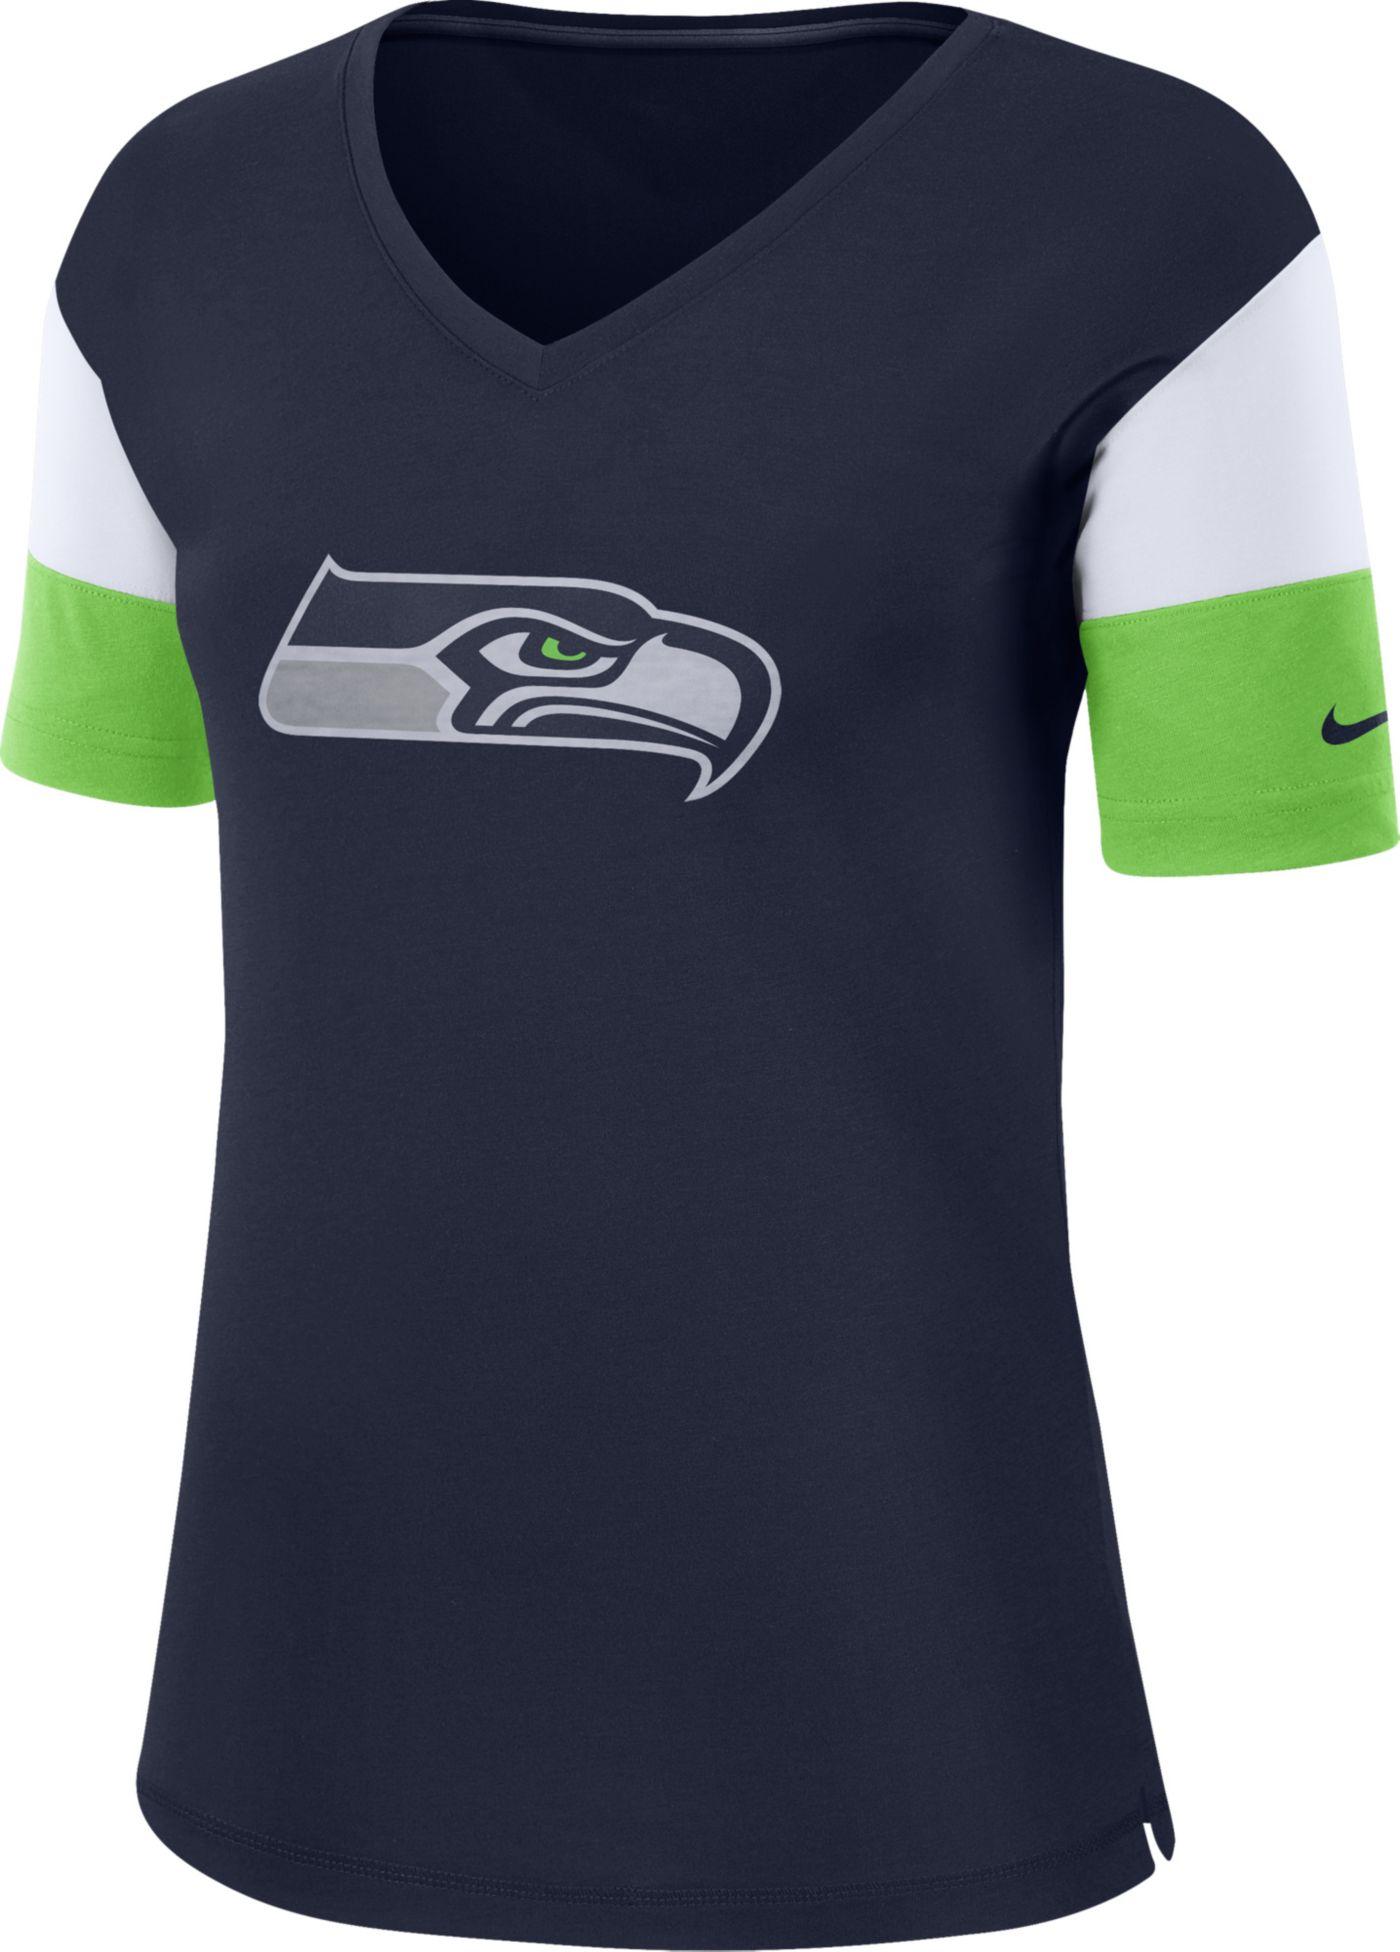 Nike Women's Seattle Seahawks Breathe Navy V-Neck T-Shirt